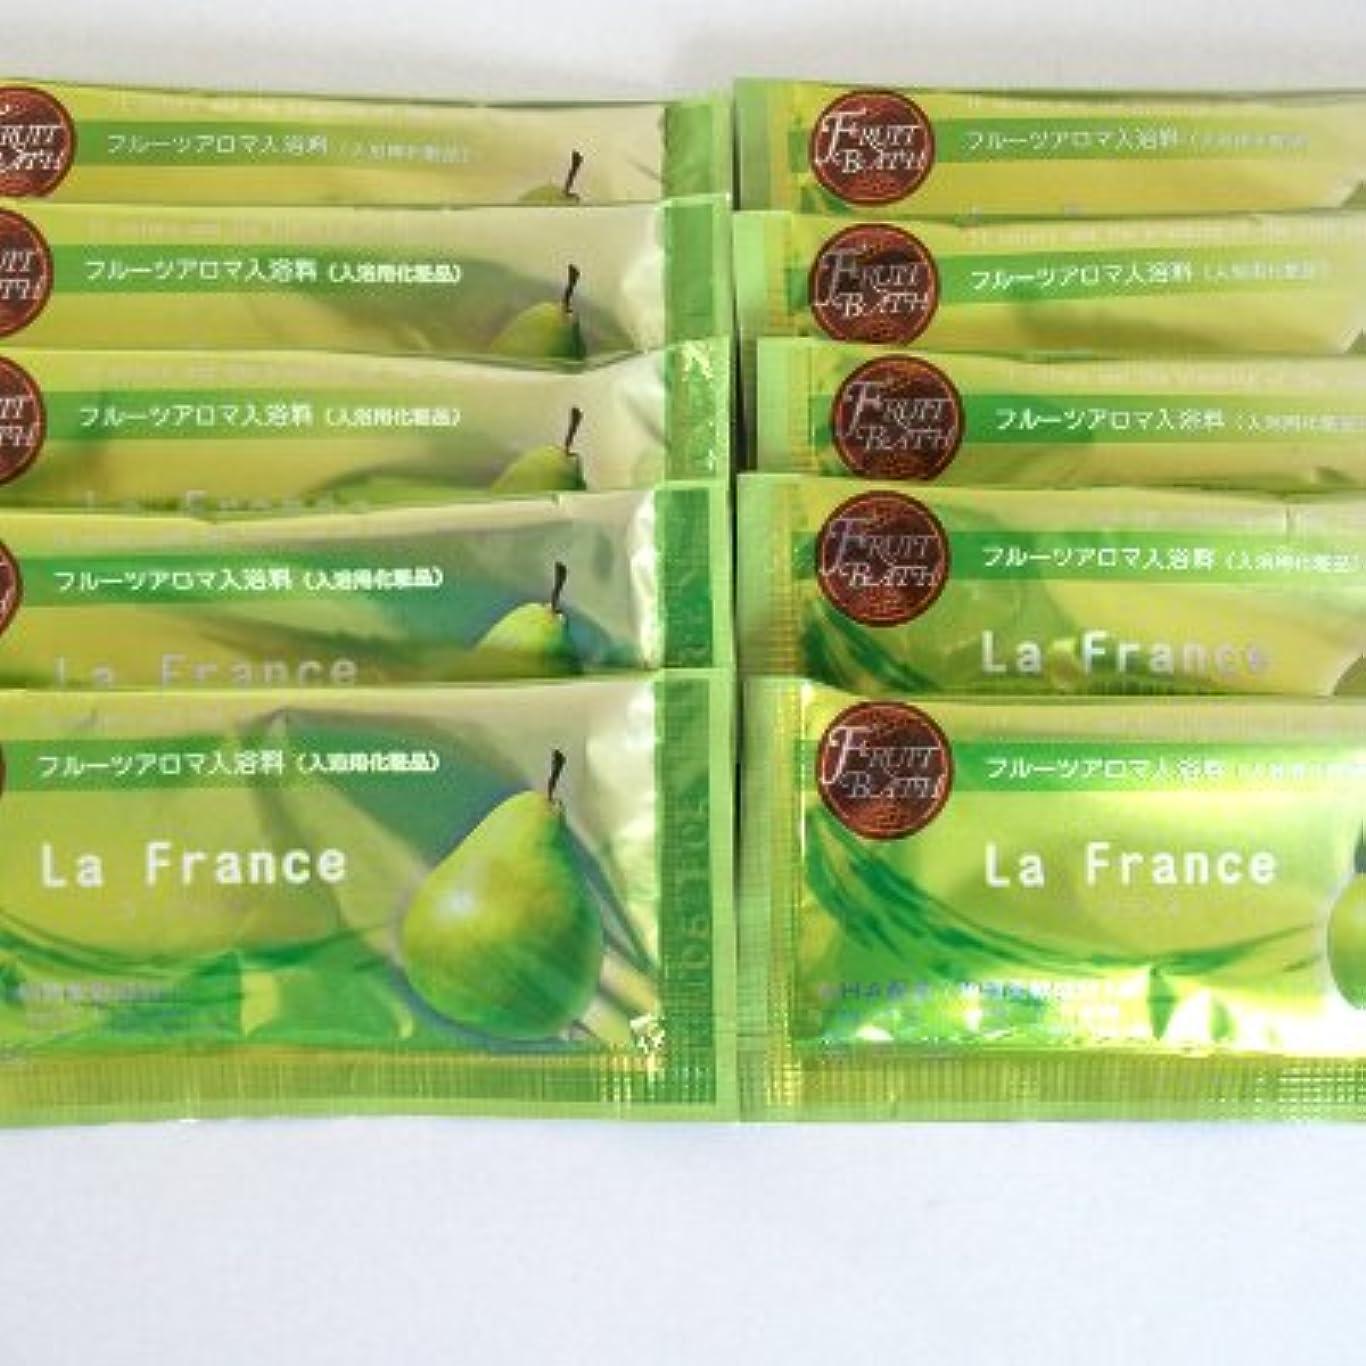 タップ消費者インフラフルーツアロマ入浴剤 ラ?フランスの香り 10包セット